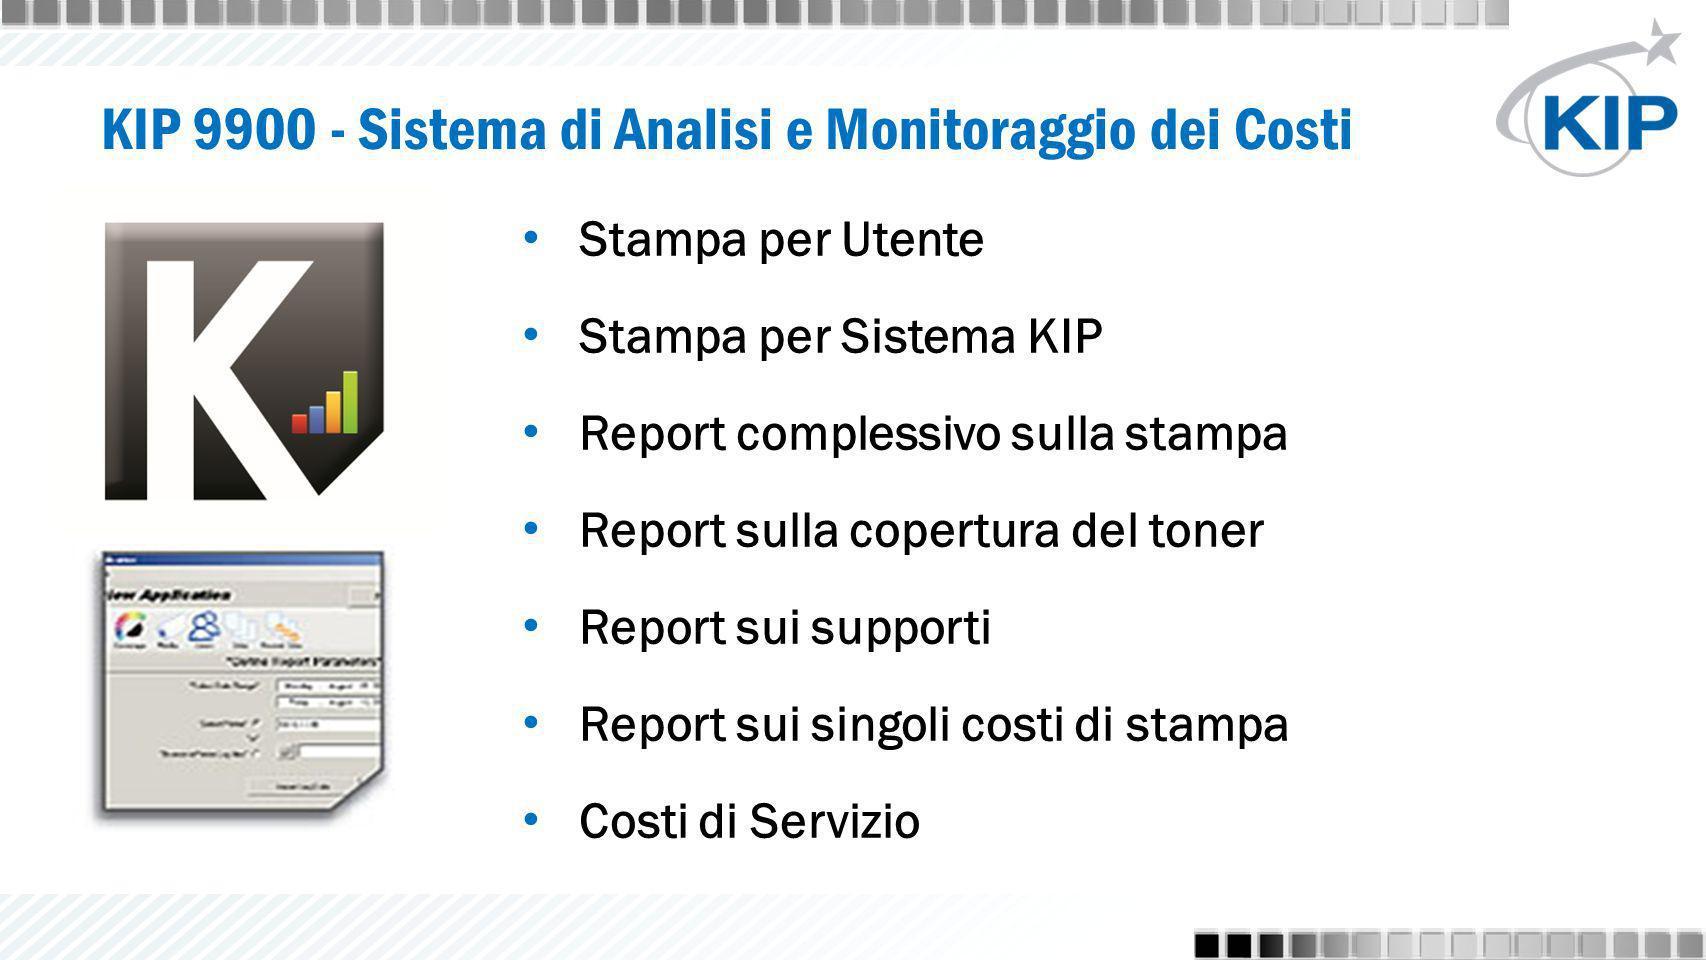 Stampa per Utente Stampa per Sistema KIP Report complessivo sulla stampa Report sulla copertura del toner Report sui supporti Report sui singoli costi